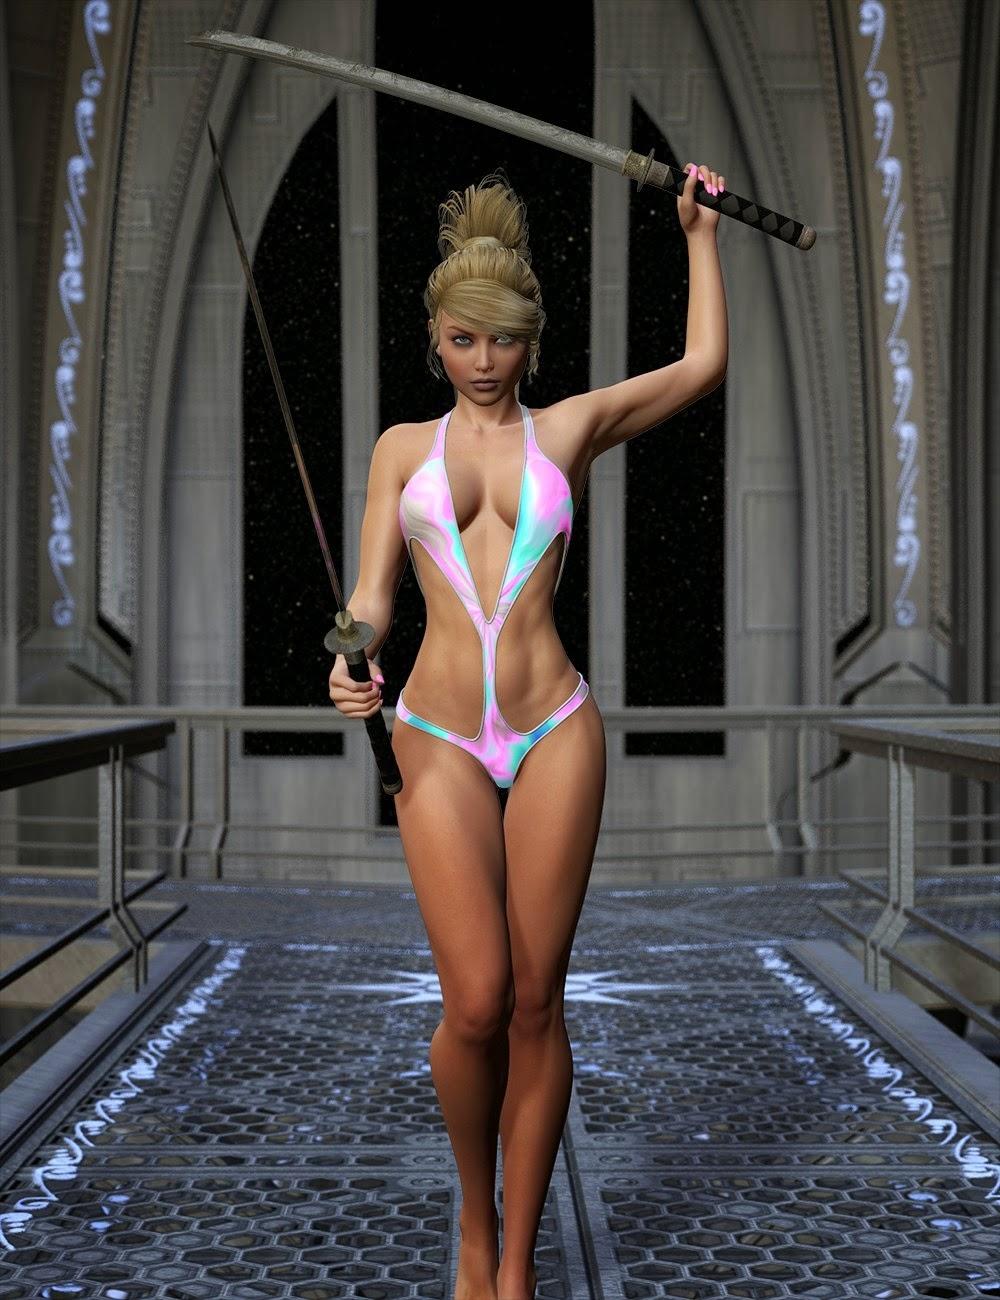 Sci-Fi - Magic Textures pour Superhero Monokini